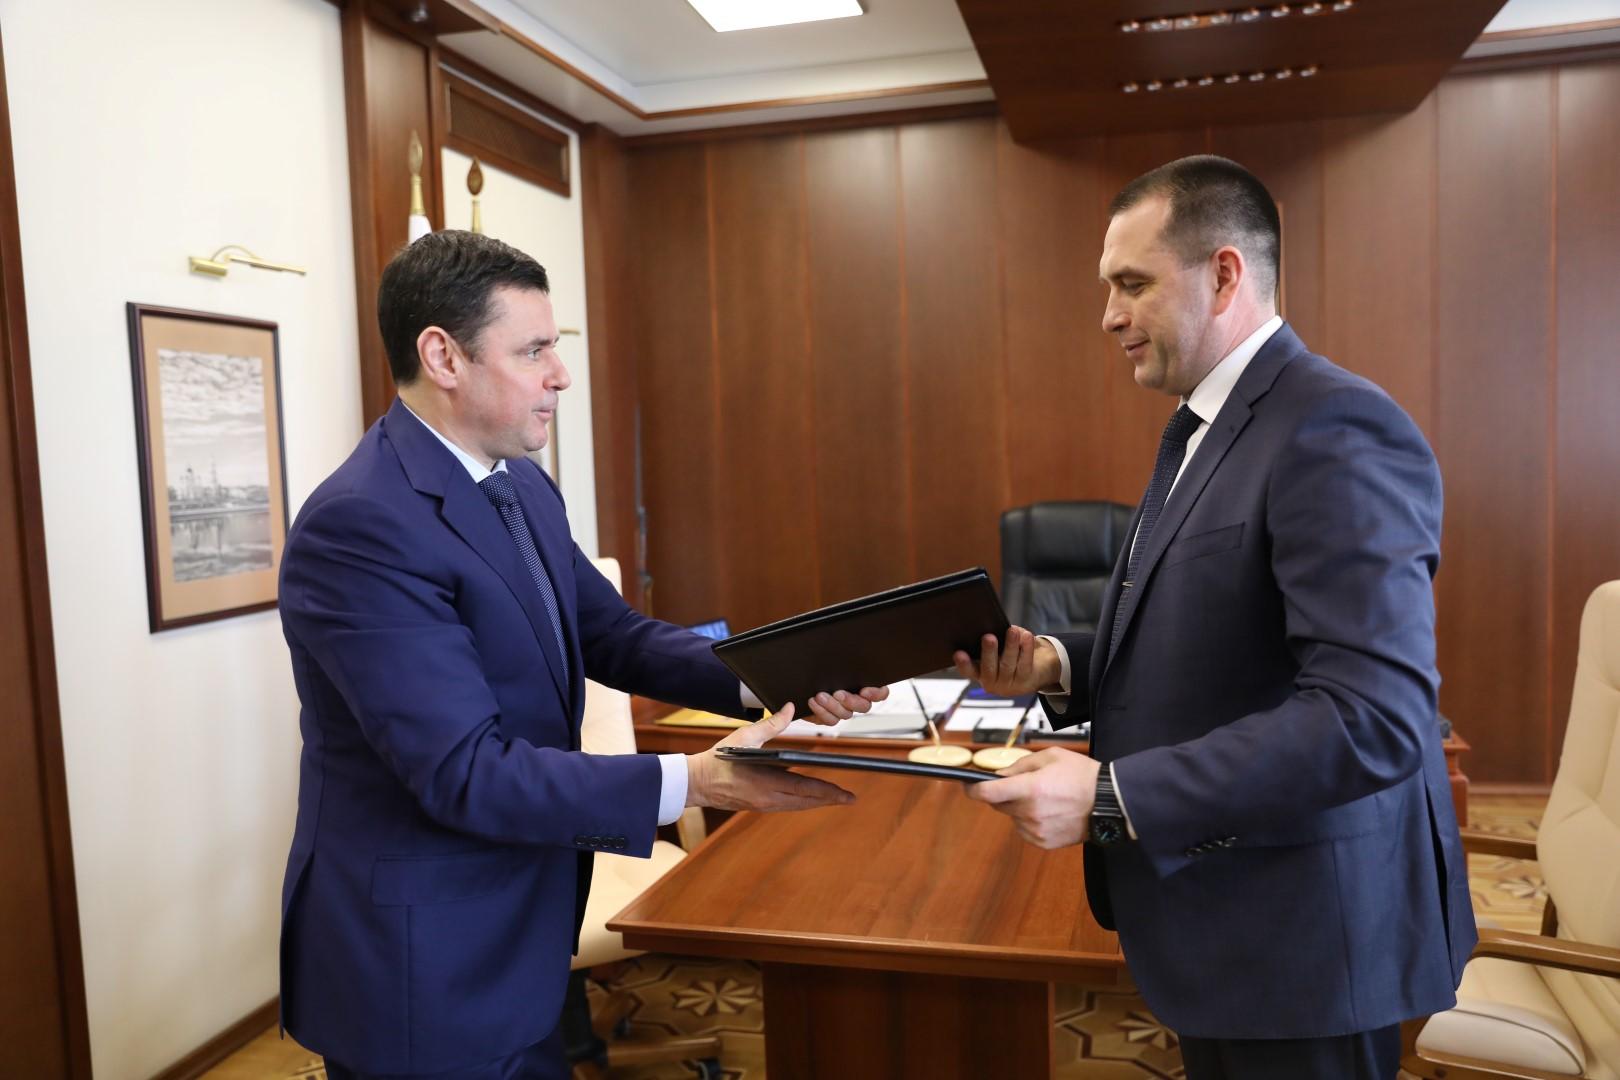 Дмитрий Миронов: «Славнефть-ЯНОС» направит 150 млн рублей на реализацию социальных проектов в Ярославской области